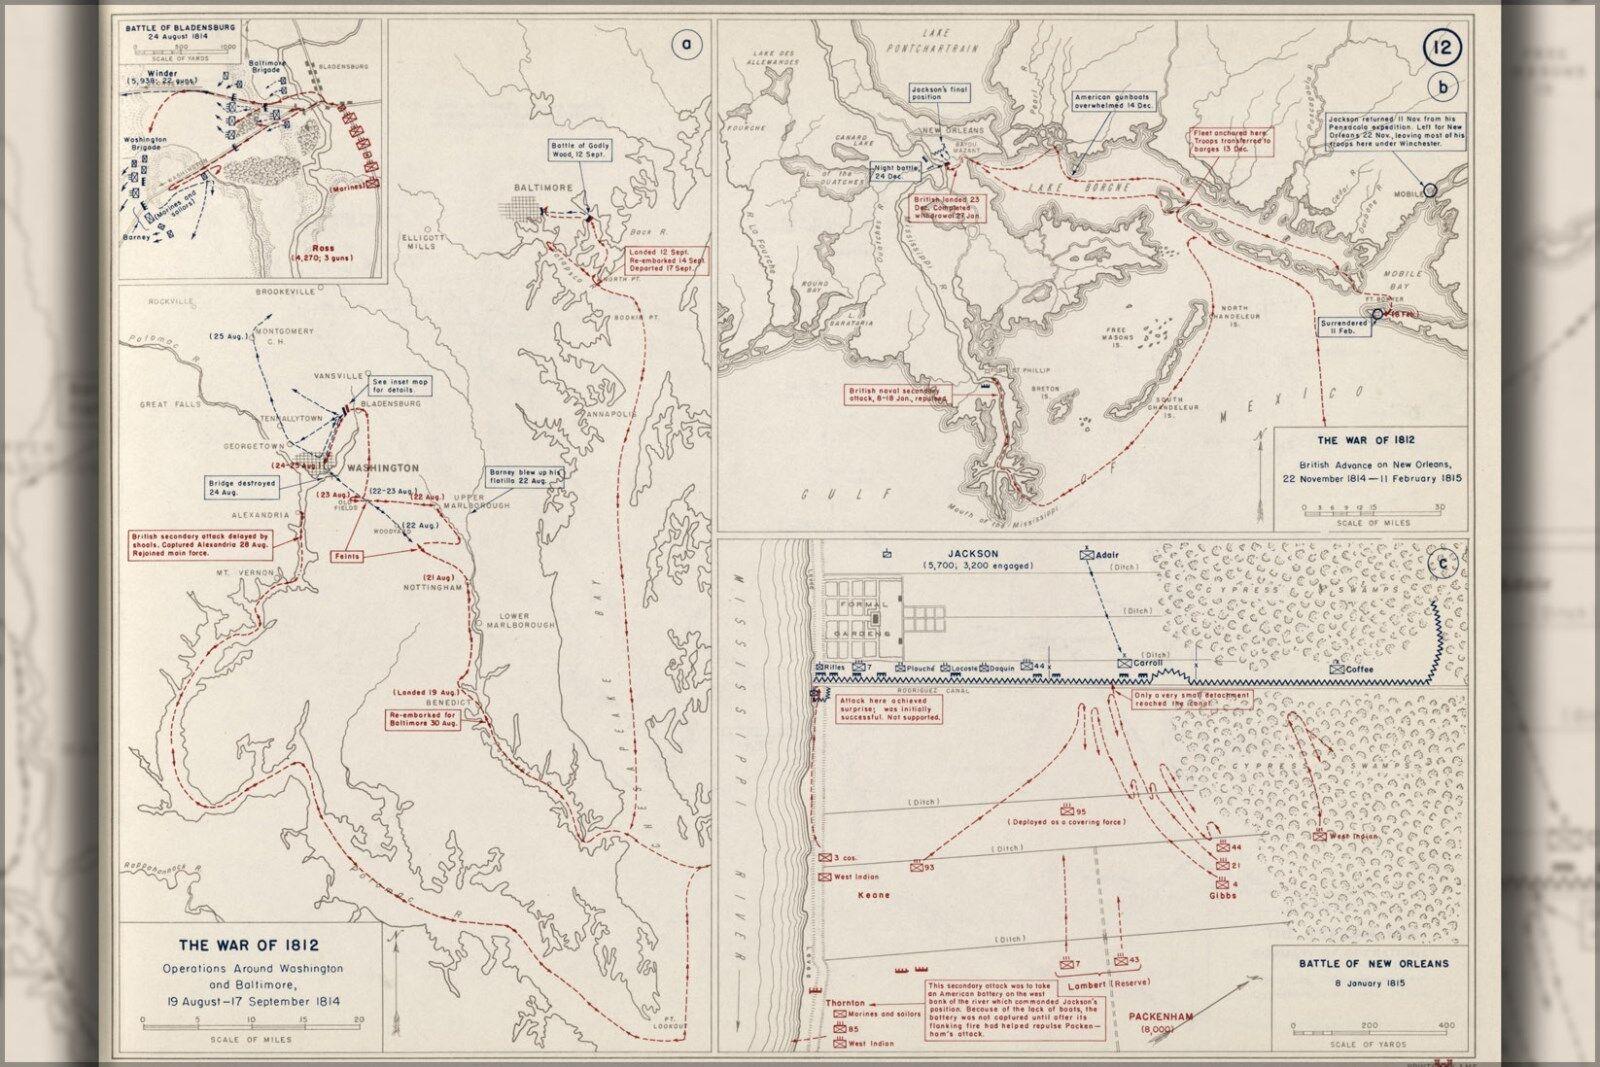 Washington Dc Karte.Plakat Viele Viele Viele Größen Krieg 1812 Karte Von Washington